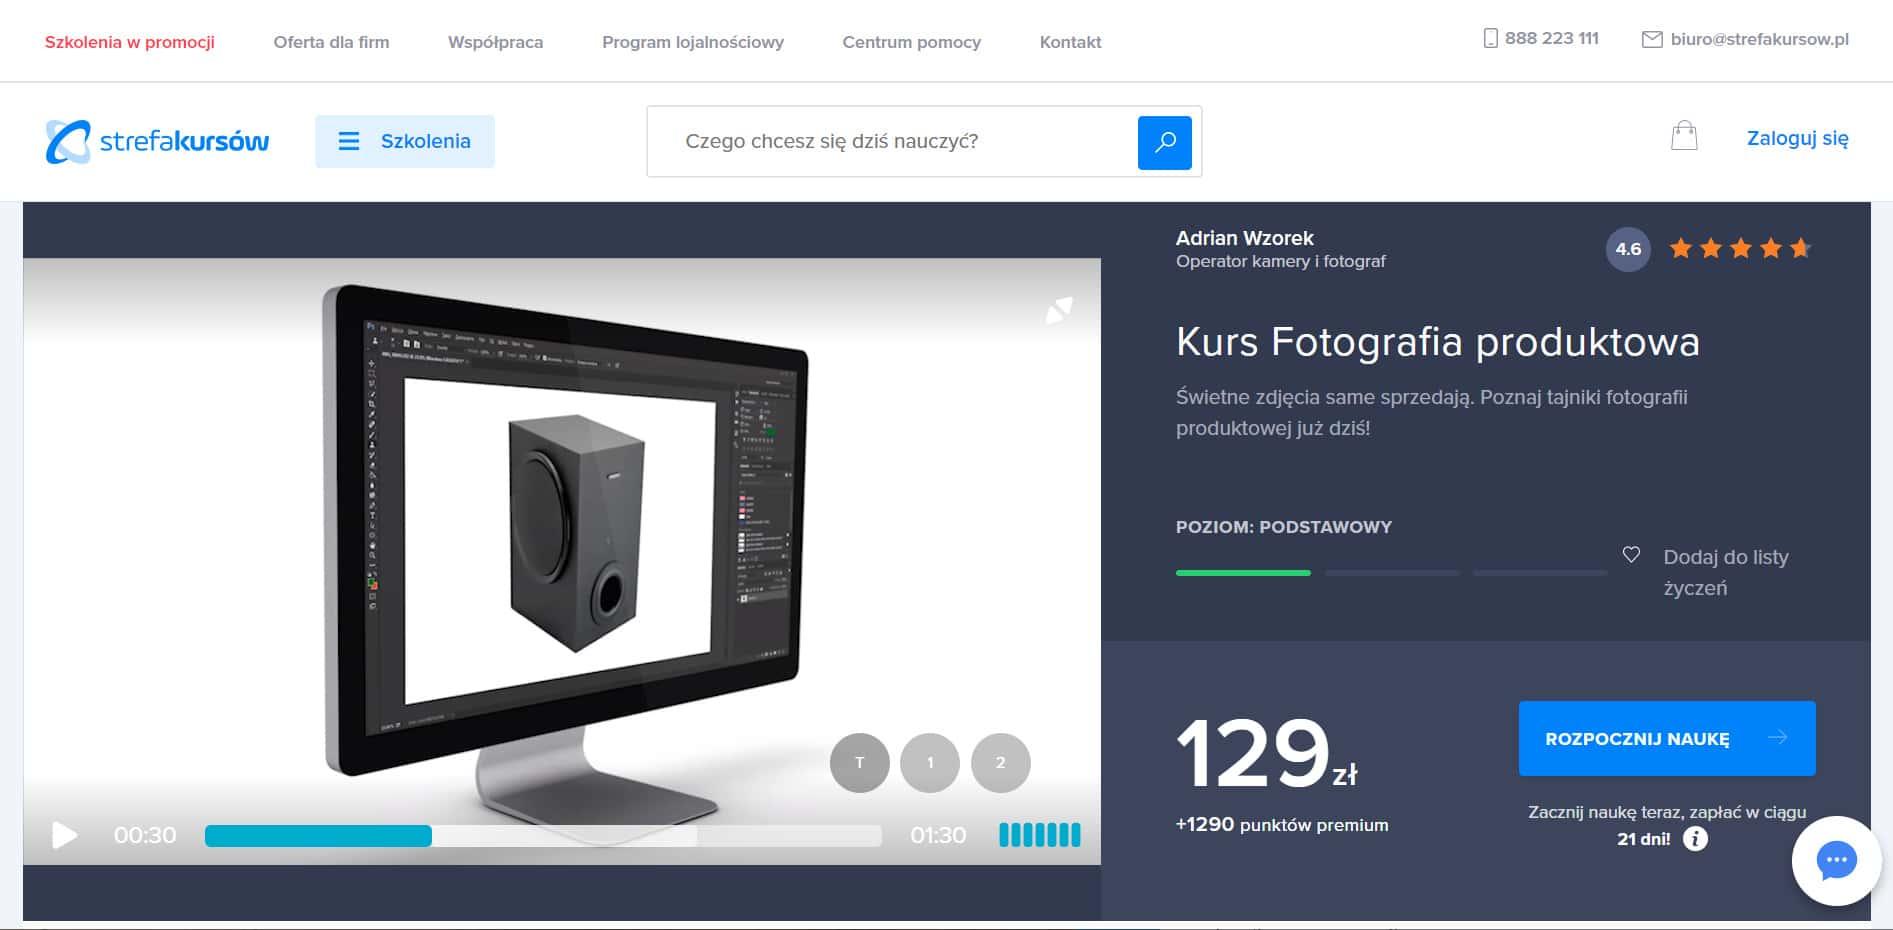 Strefa Kursów  - fotografia produktowa